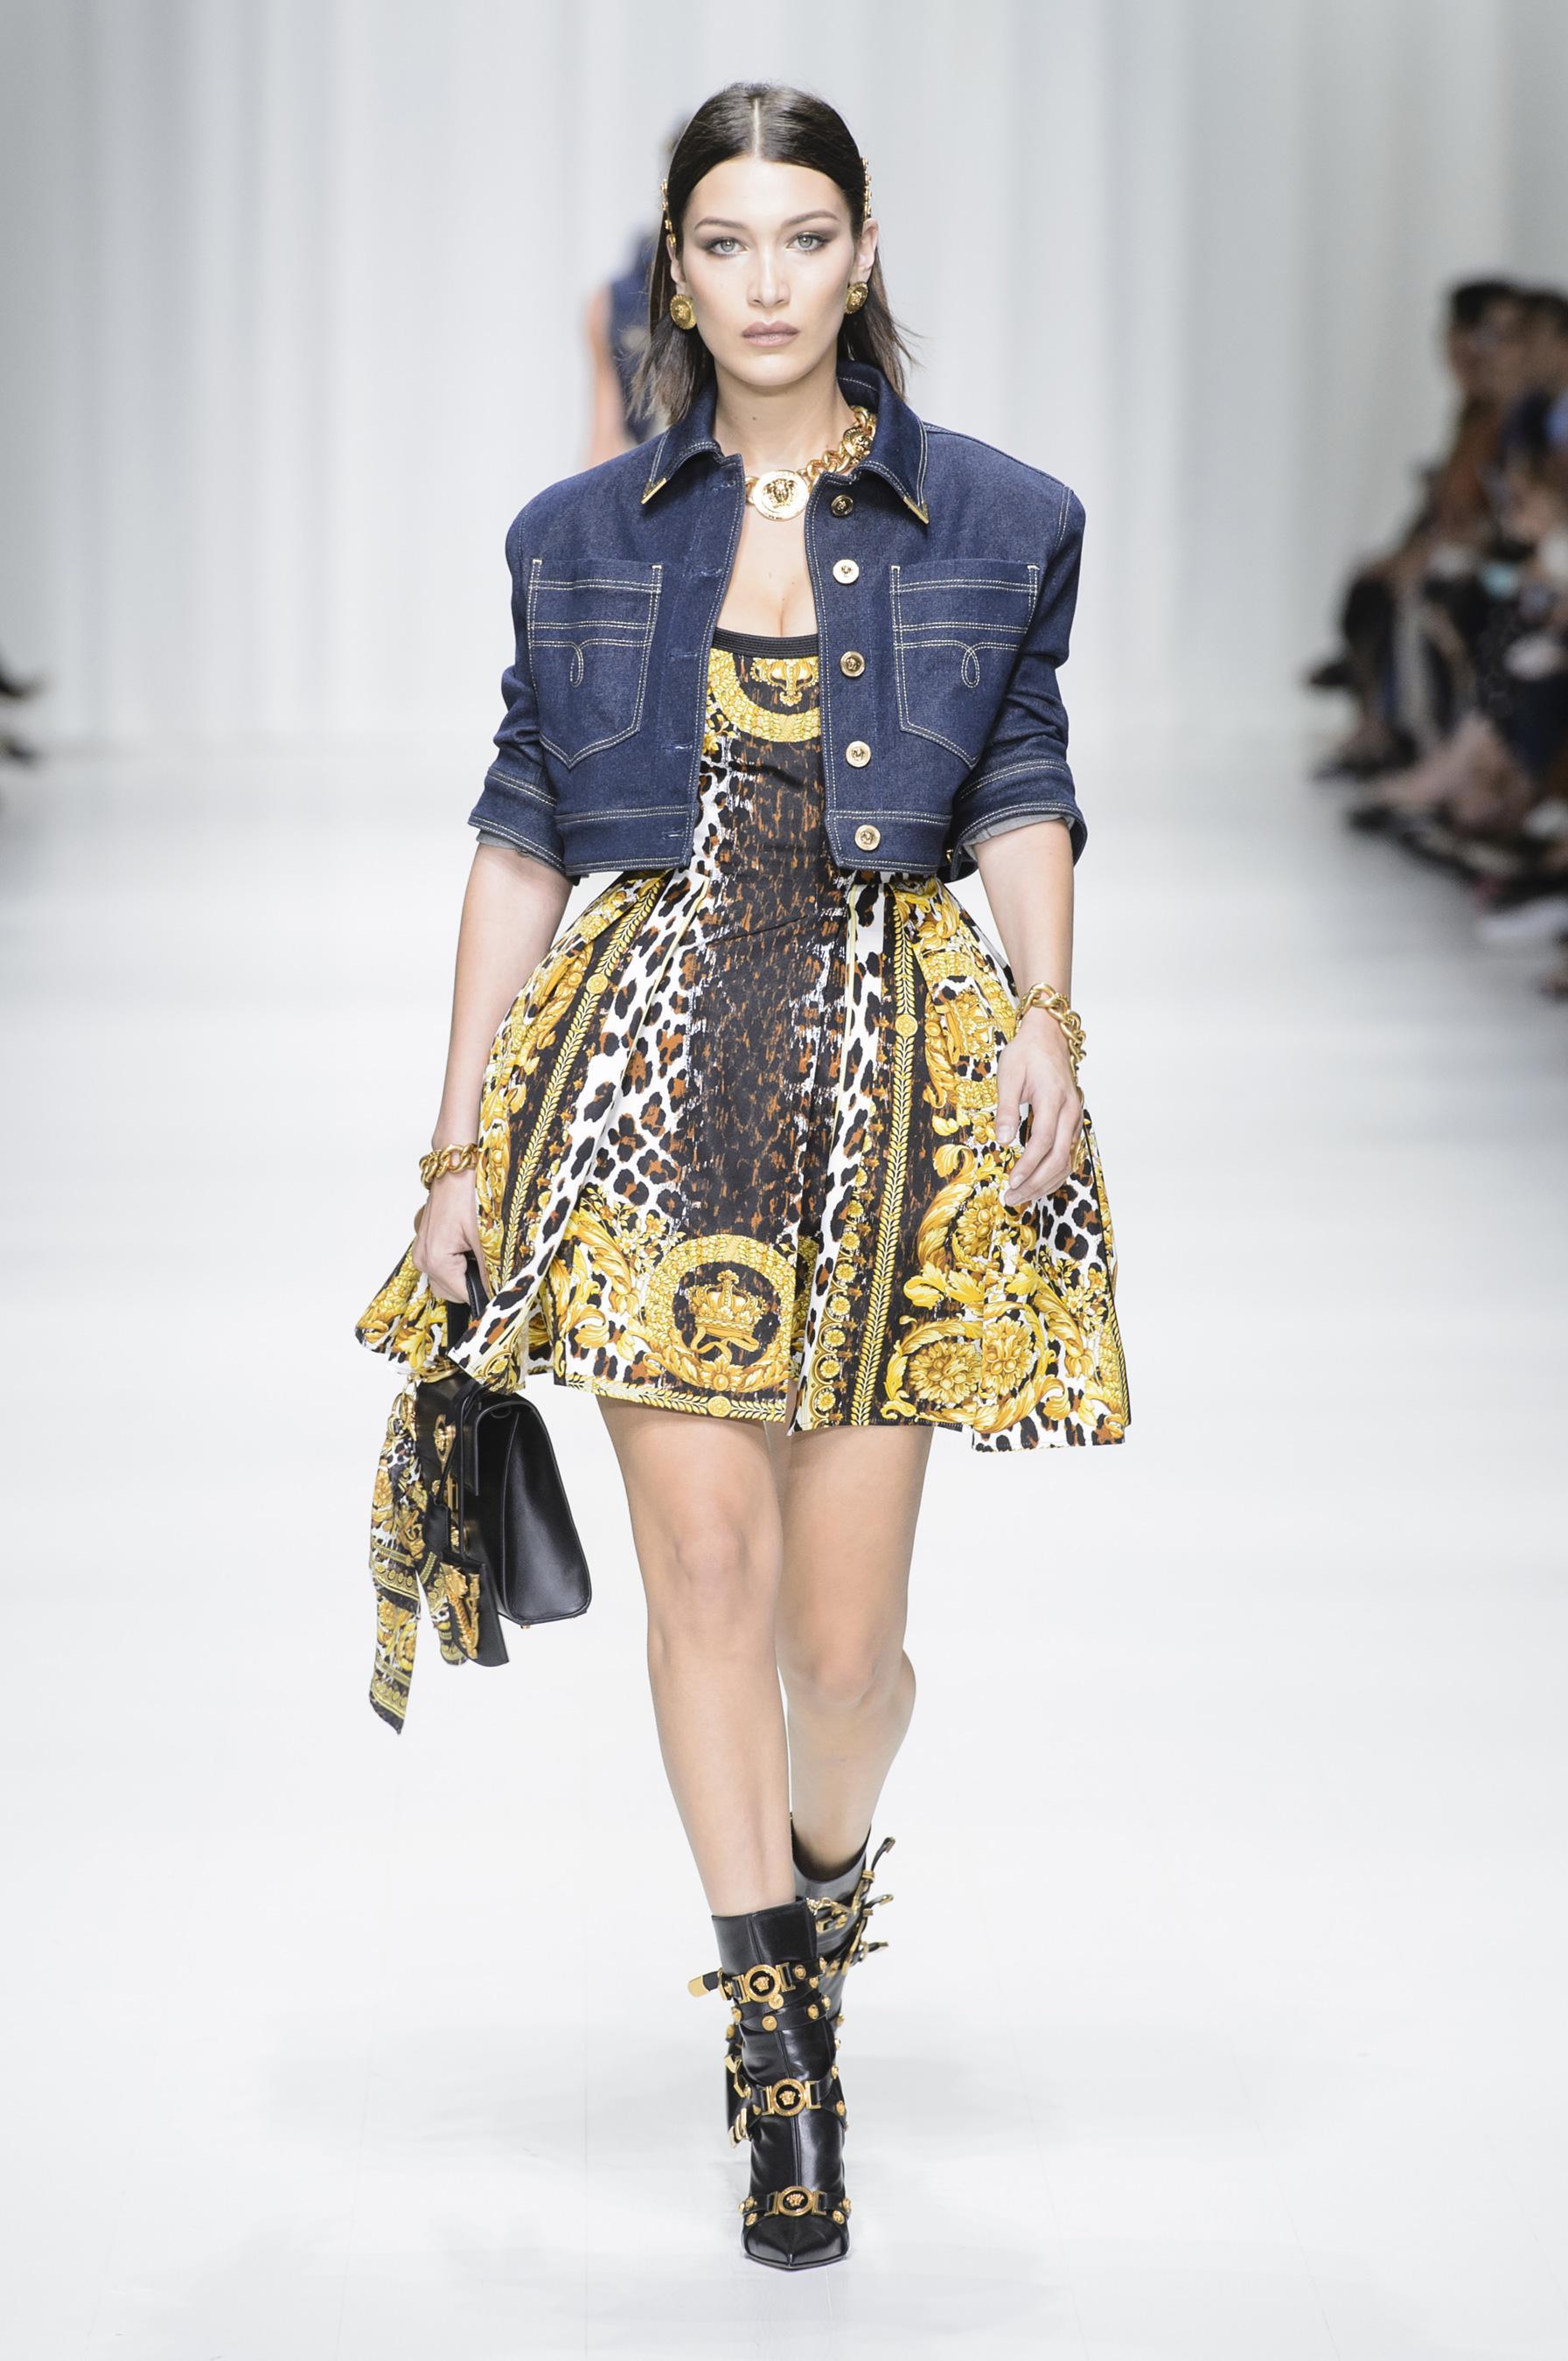 966ca46b9d Défilé Versace printemps-été 2018 Prêt-à-porter - Madame Figaro